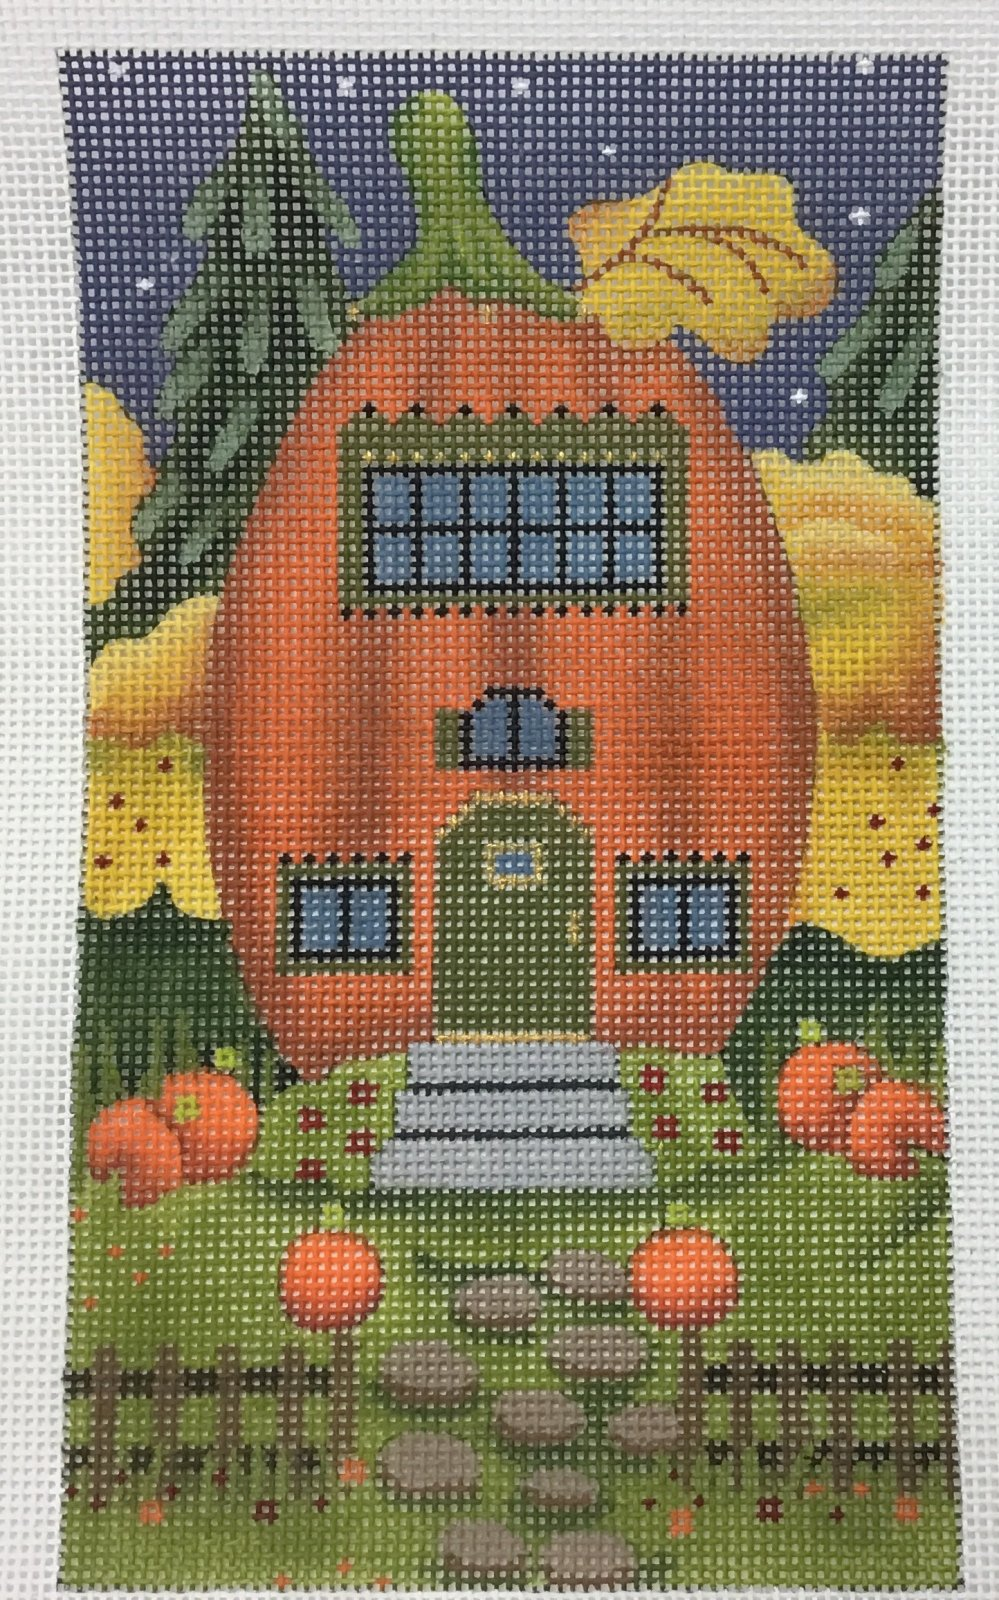 Pumpkin House with Pumpkins,18 ct.,4x7